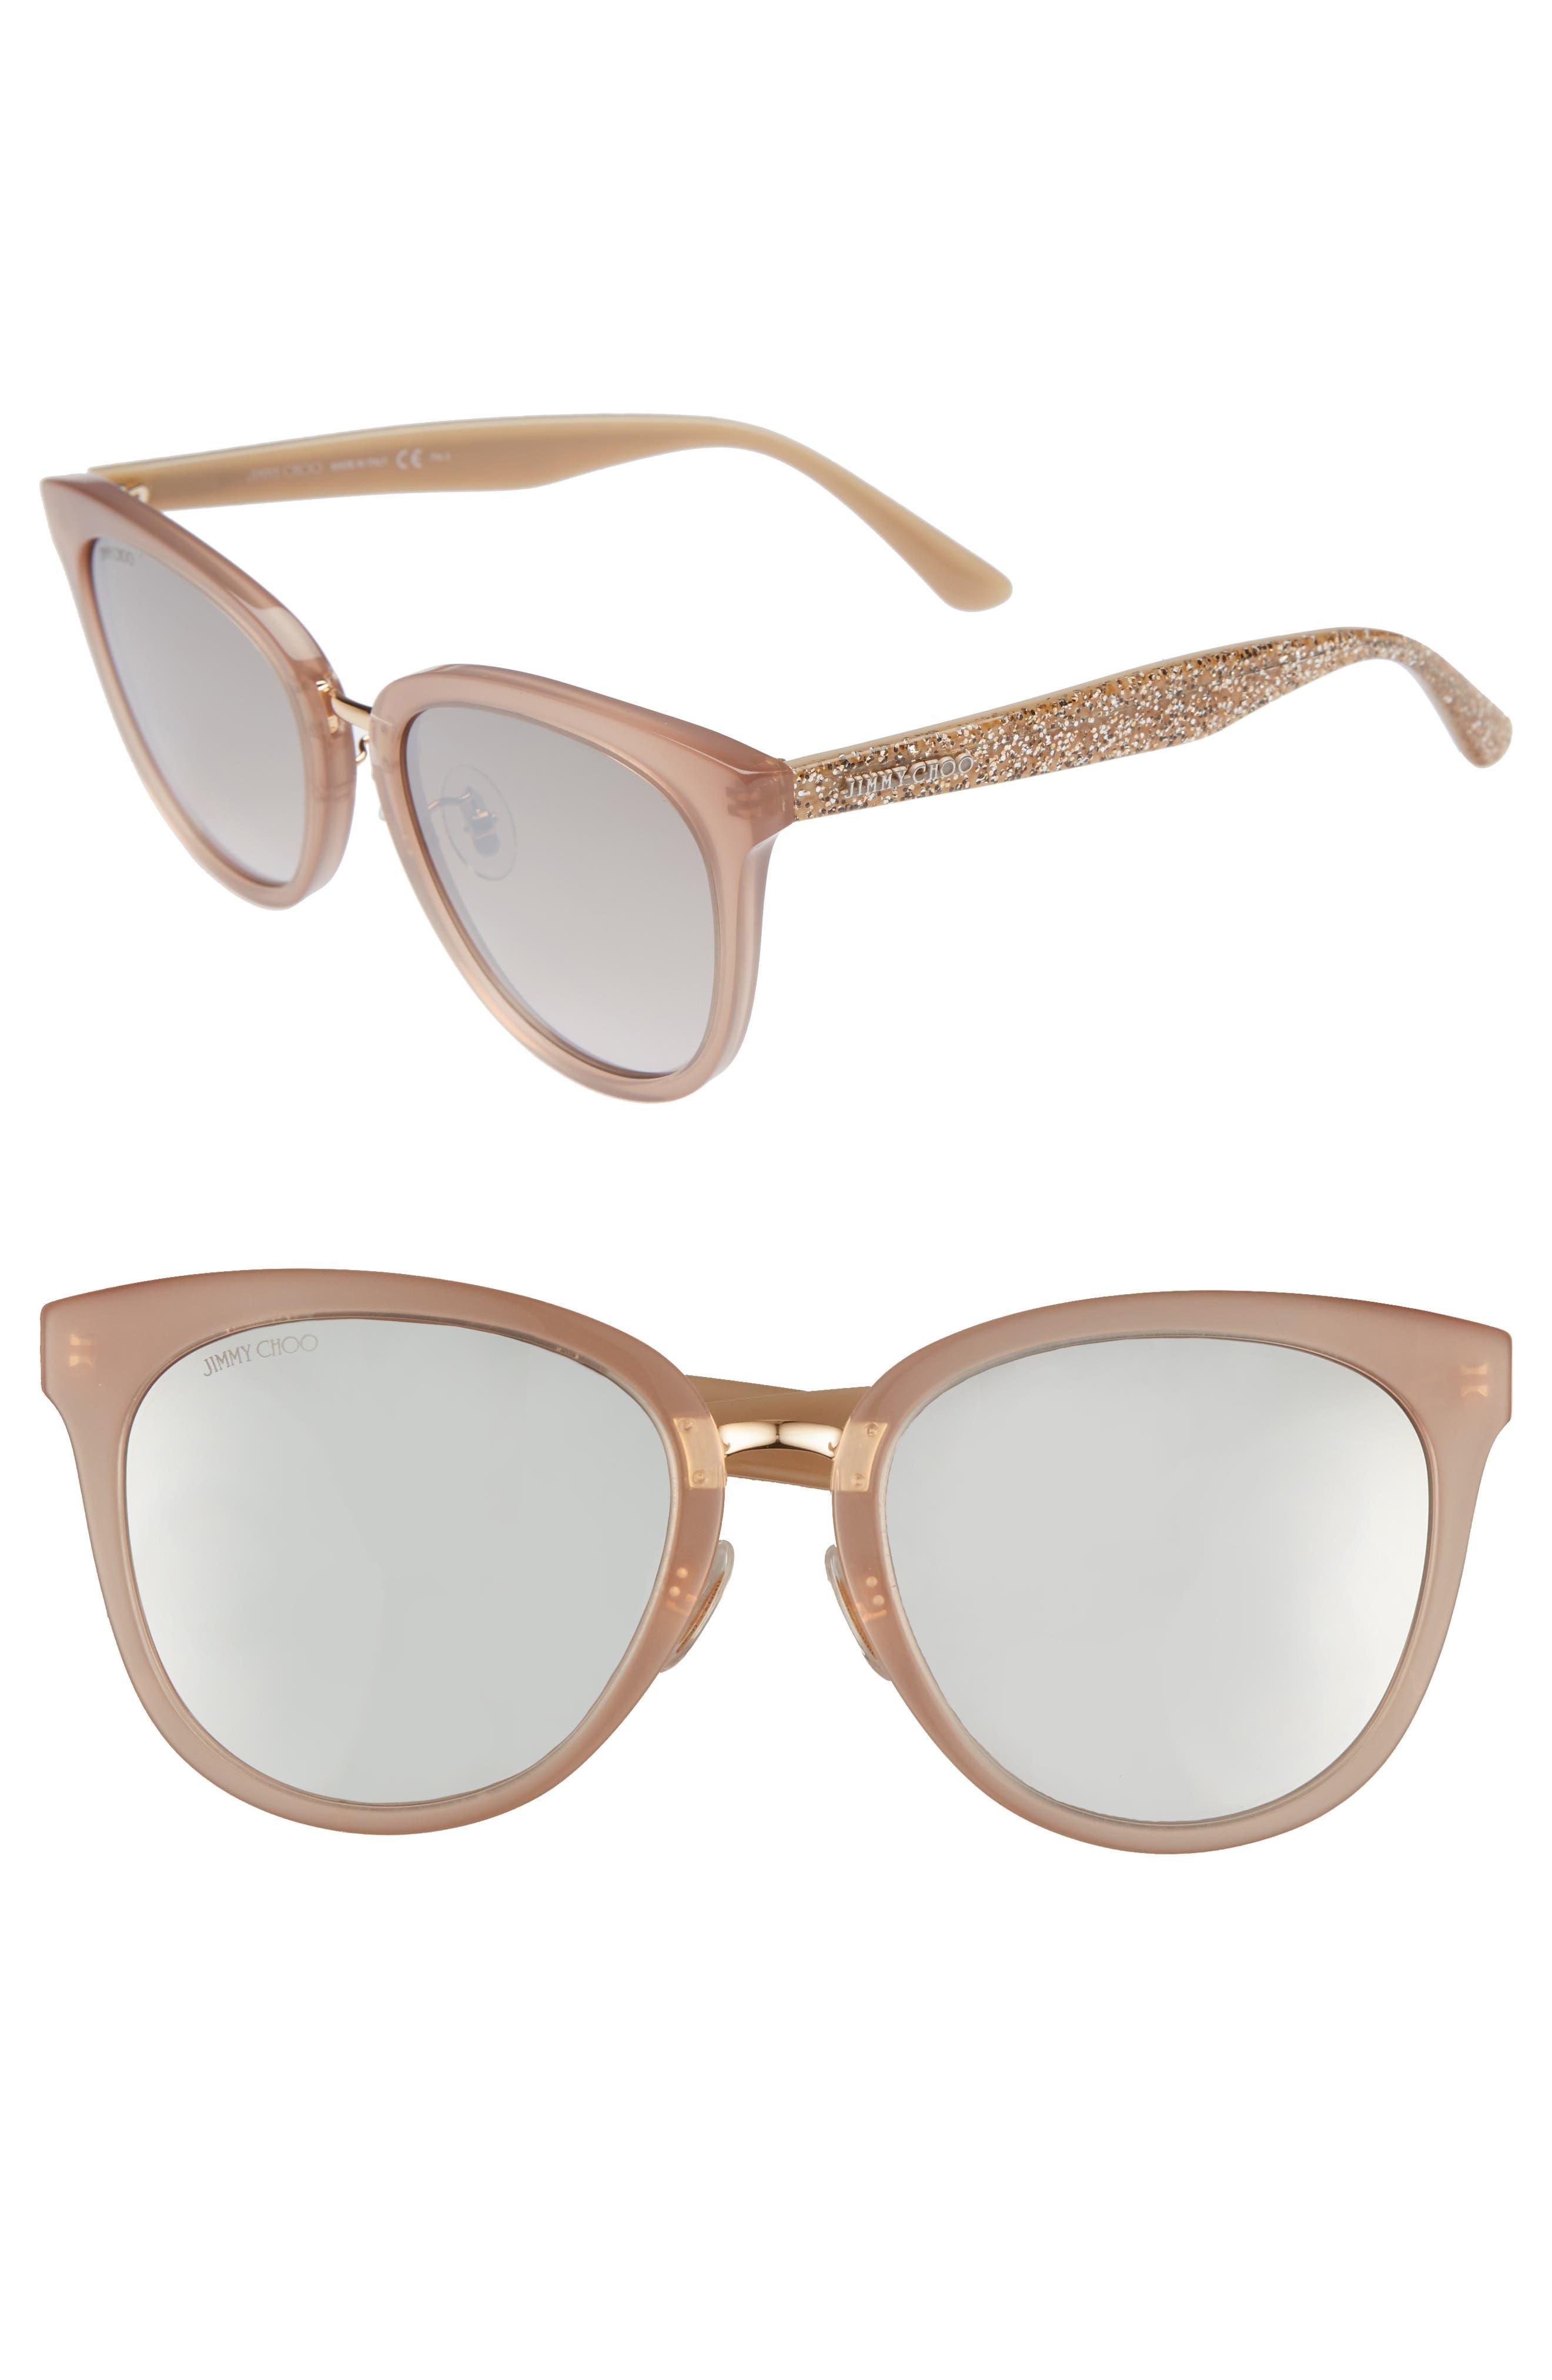 Cadefs 55mm Sunglasses,                         Main,                         color, Nude Glitter Nude